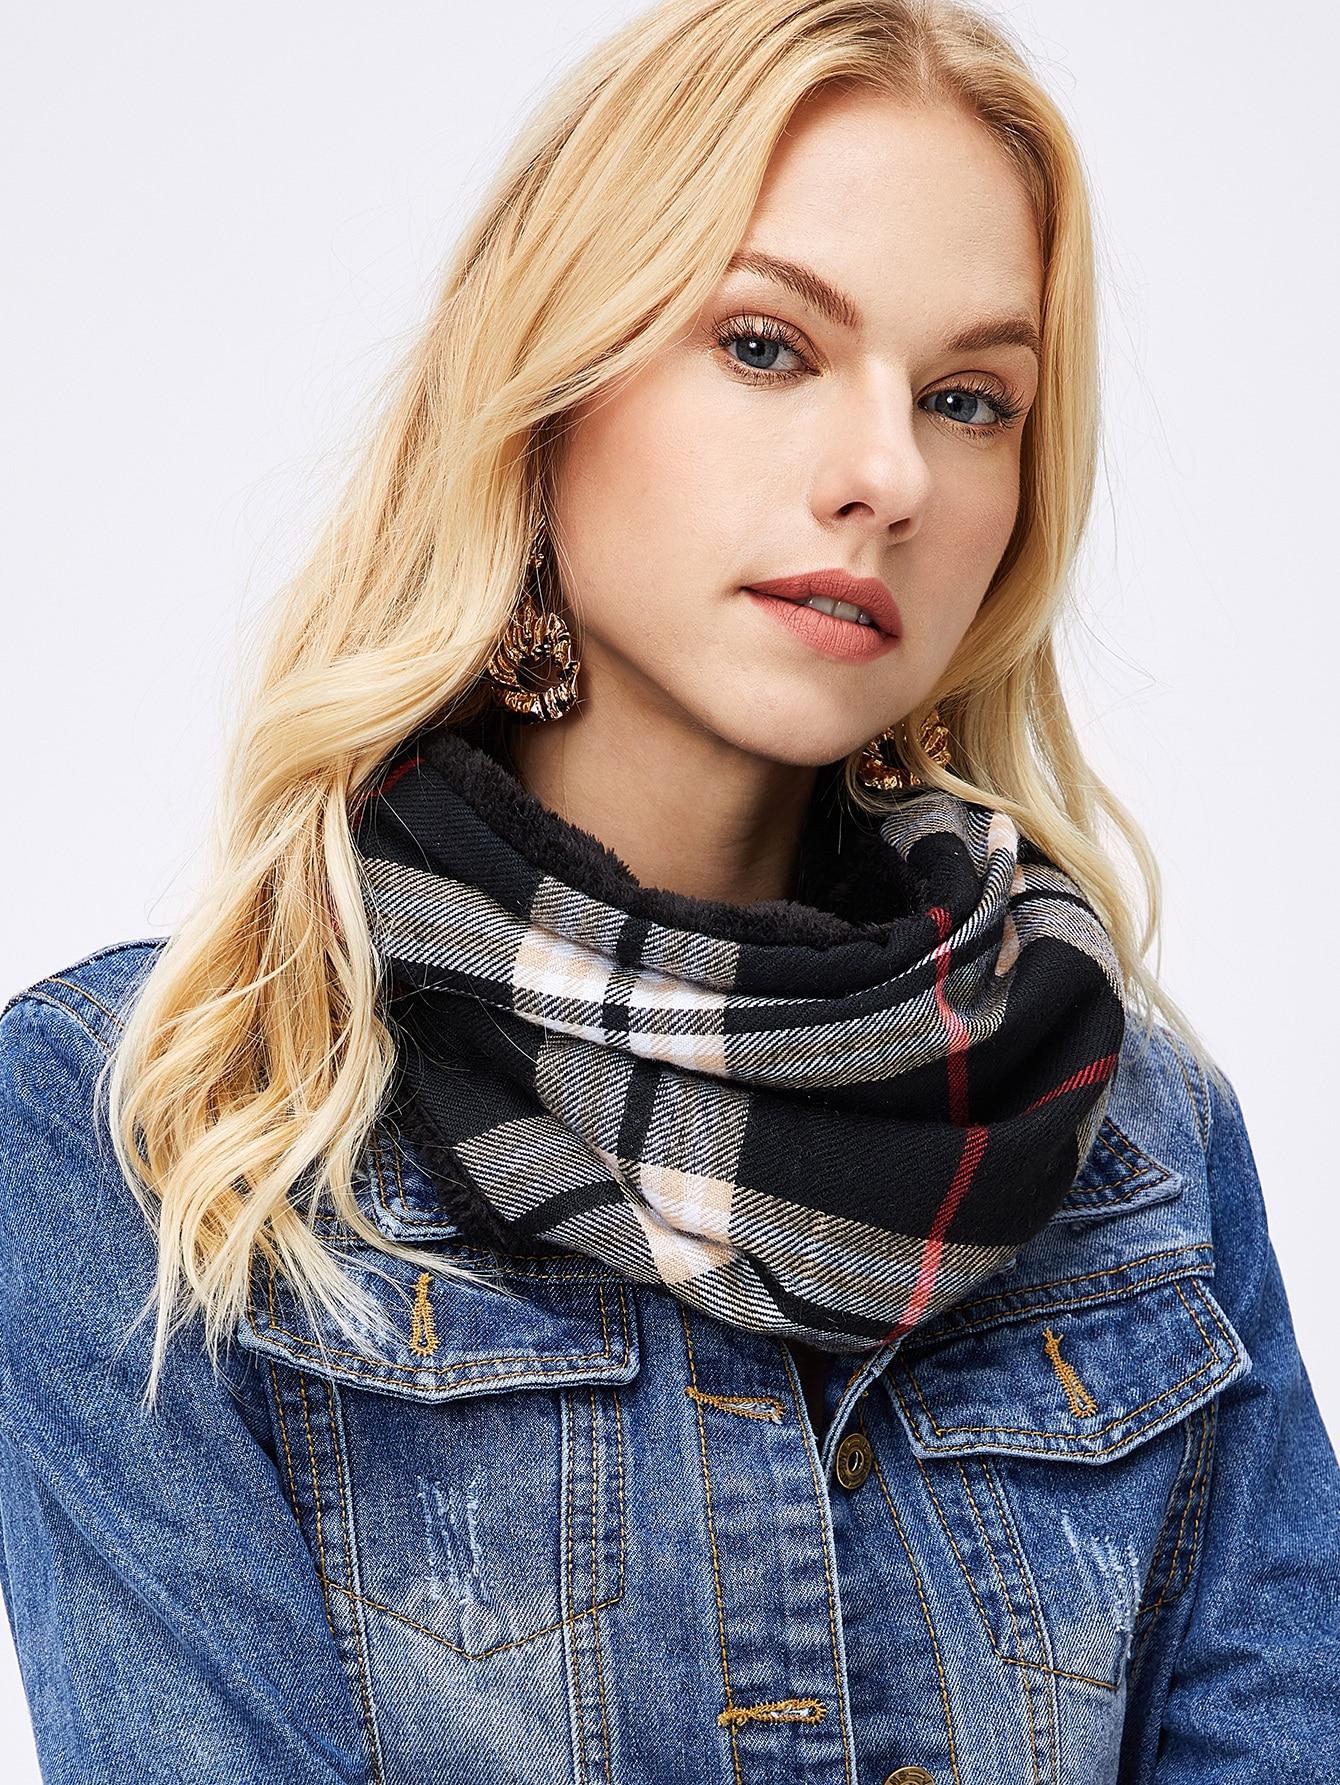 Купить Бесконечный простой шарф из искусственных мехов, null, SheIn